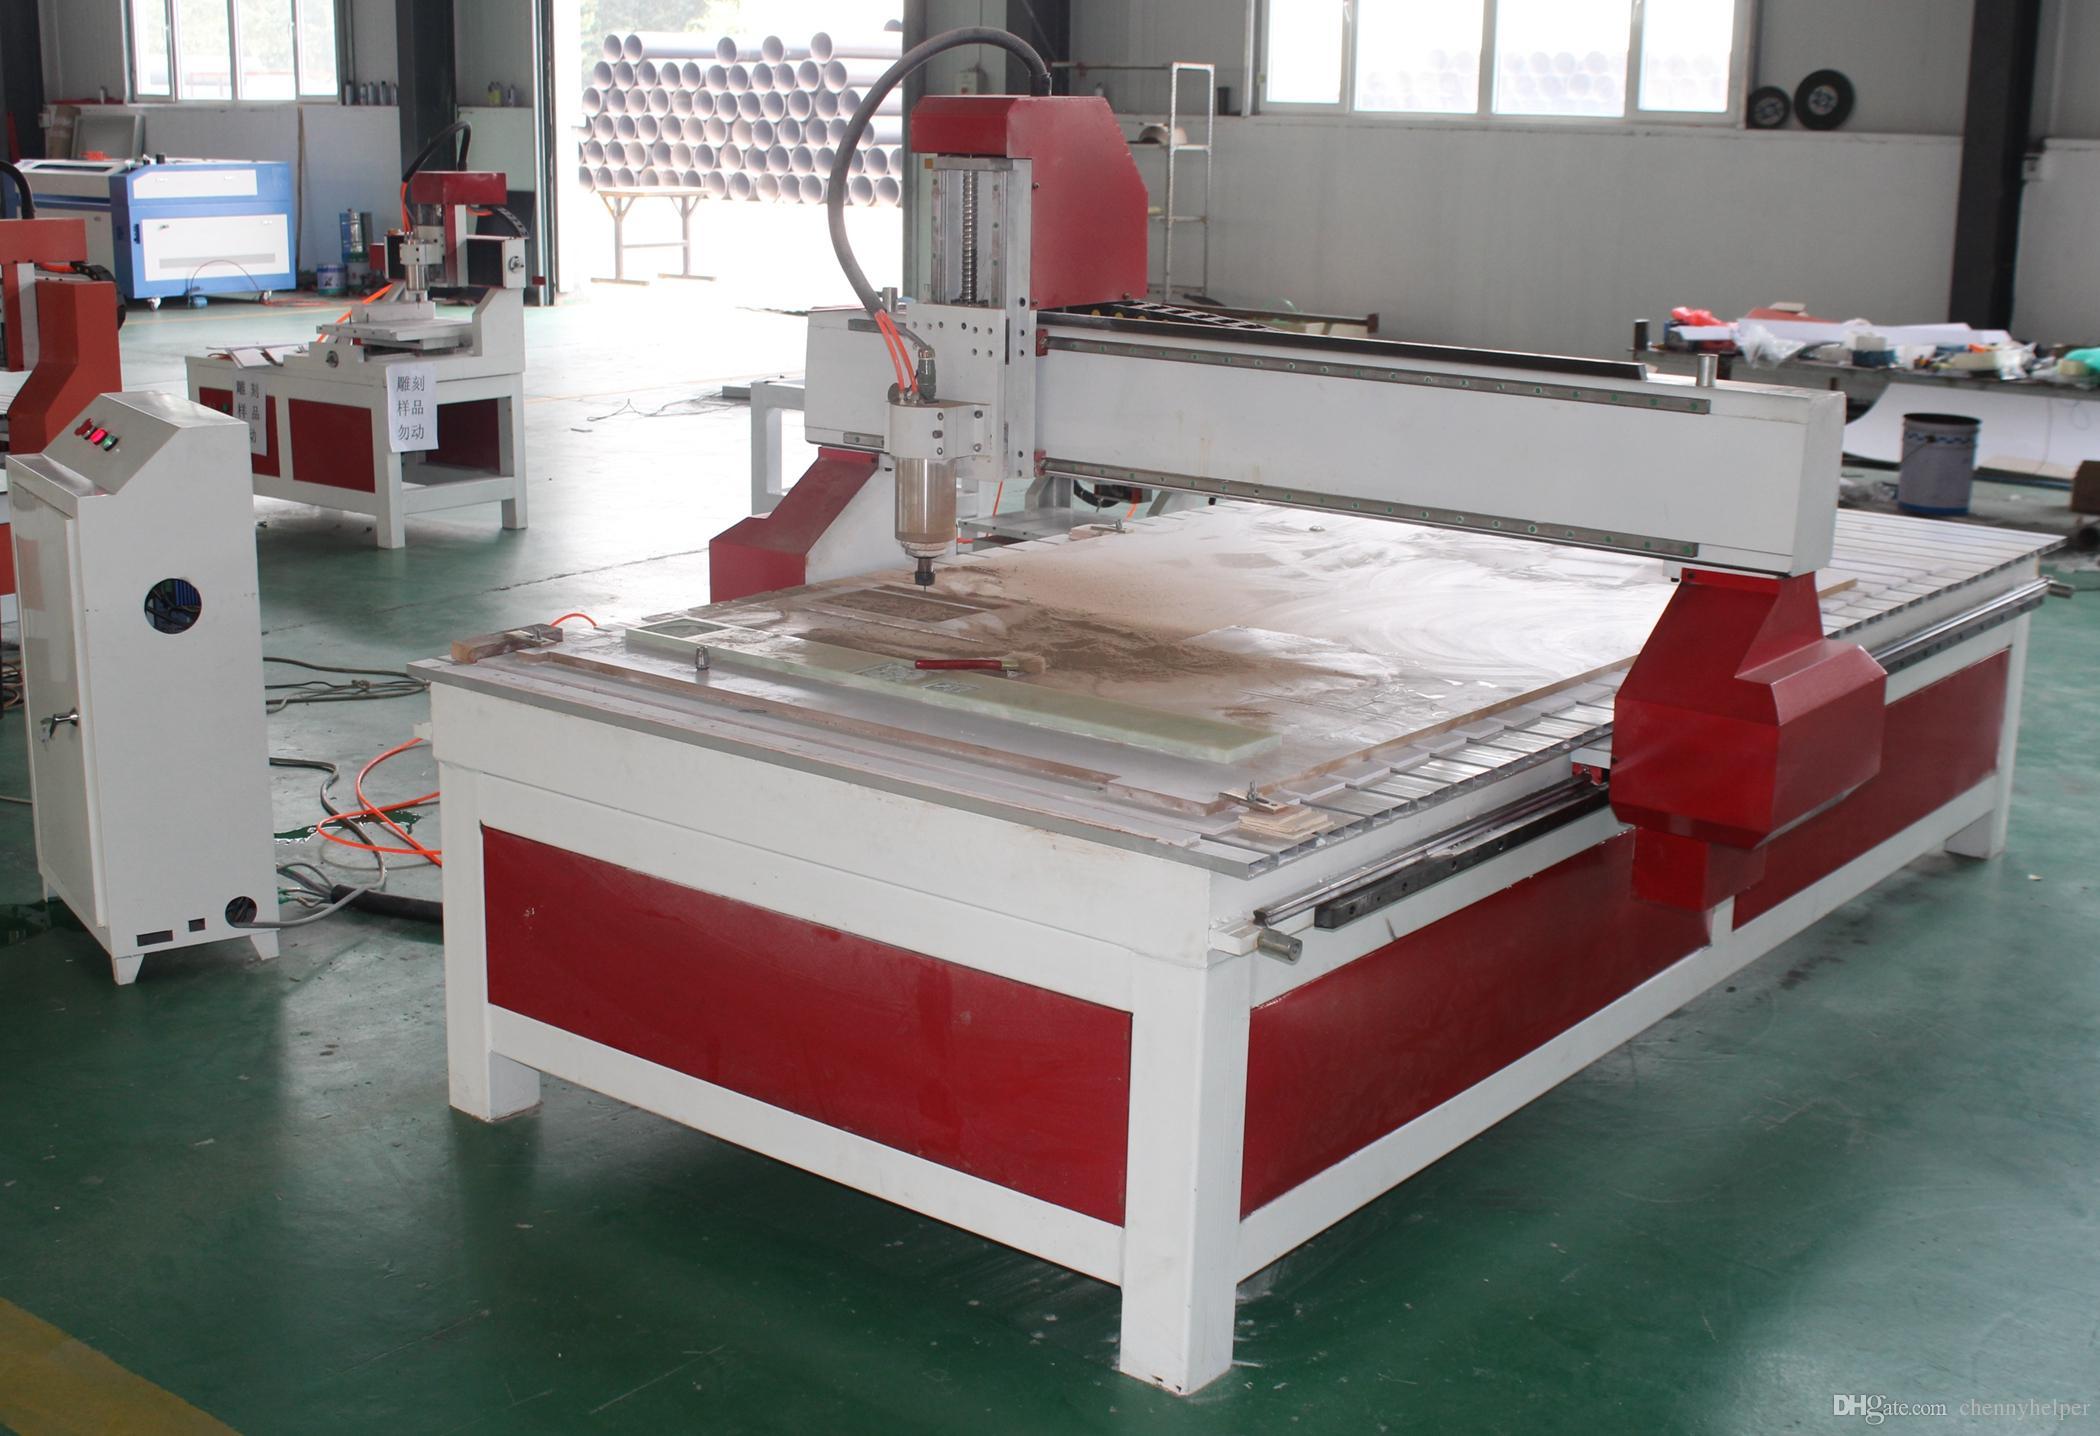 1325хороший характер сервопривода двигателя автоматическая 3d мебель скульптура резьба по дереву фрезерный станок с чпу машина